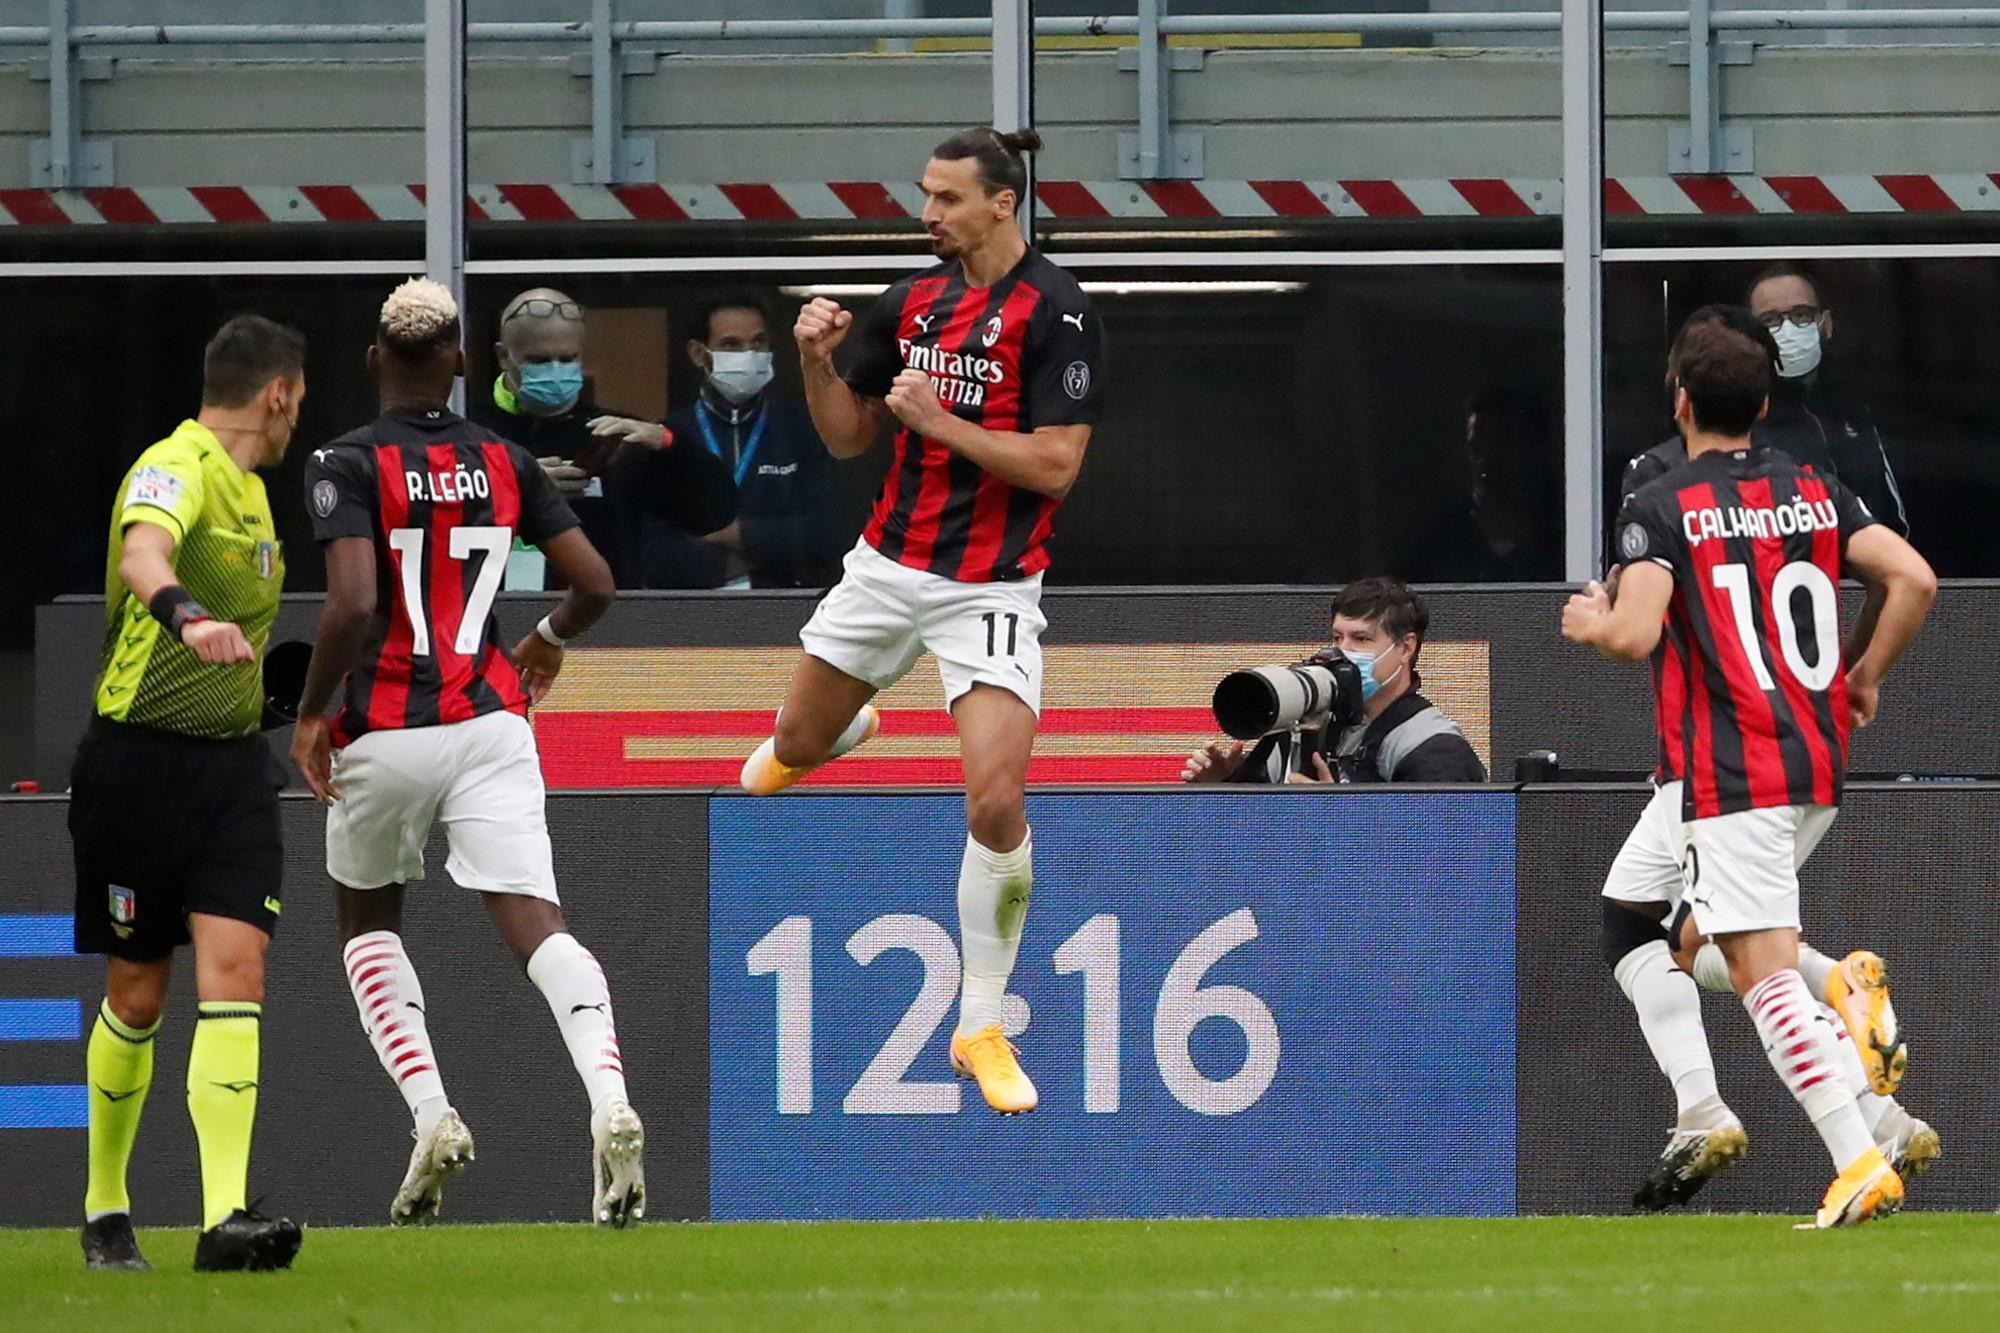 con-dos-goles-de-ibrahimovic,-milan-vencio-al-inter-en-la-serie-a-italiana